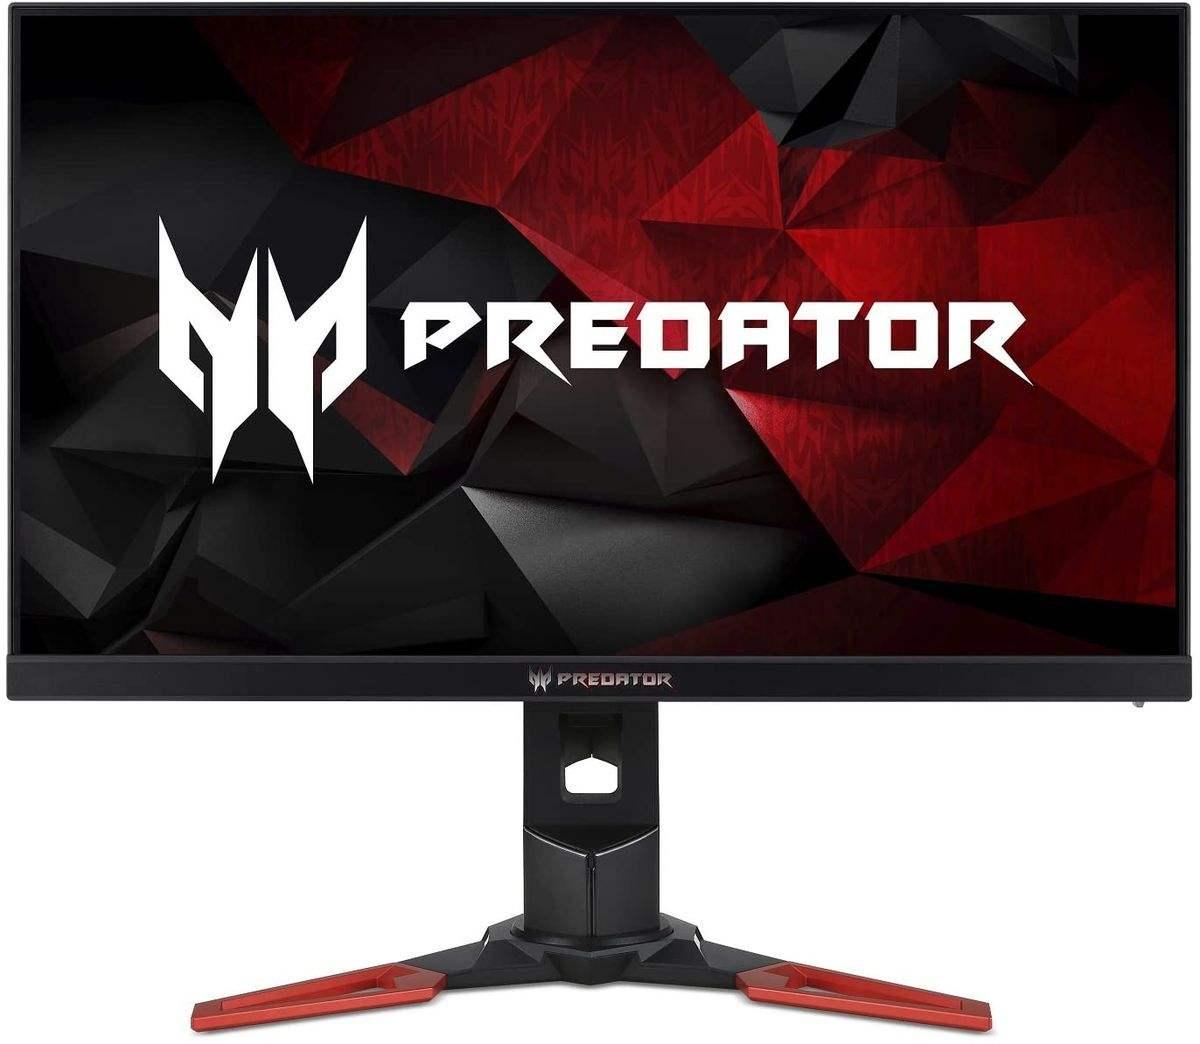 Acer, Predator ve Nitro oyun monitörleri serisini üç yeni yüksek yenileme hızlı modelle güçlendirdi